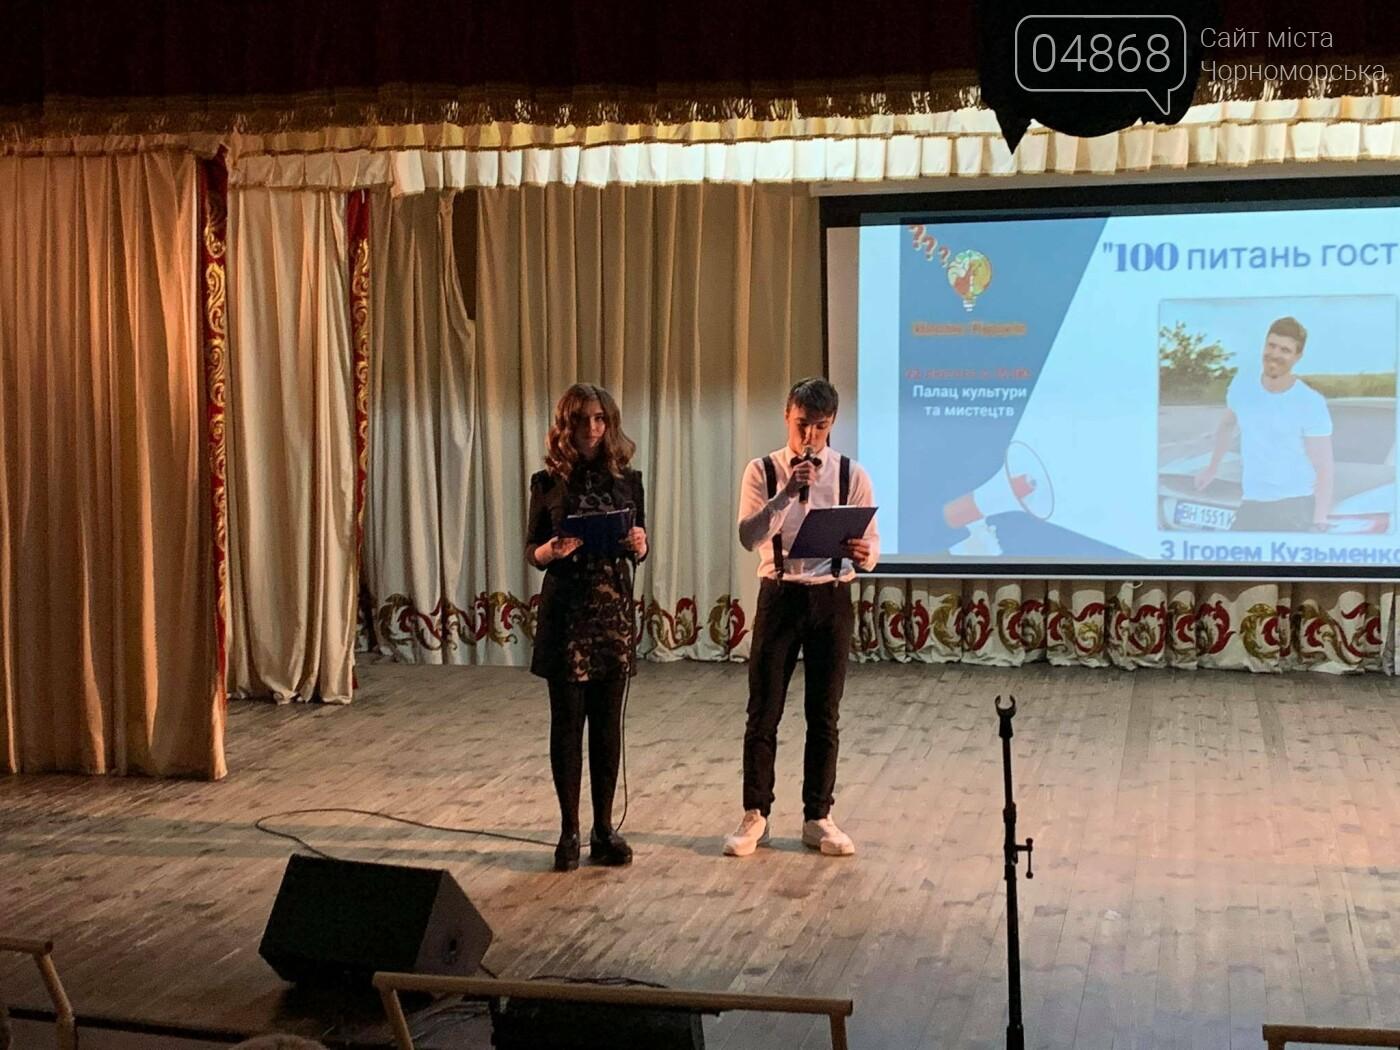 О жизни, о спорте и многом другом: Игорь Кузьменко ответил на вопросы юных лидеров (видео), фото-4